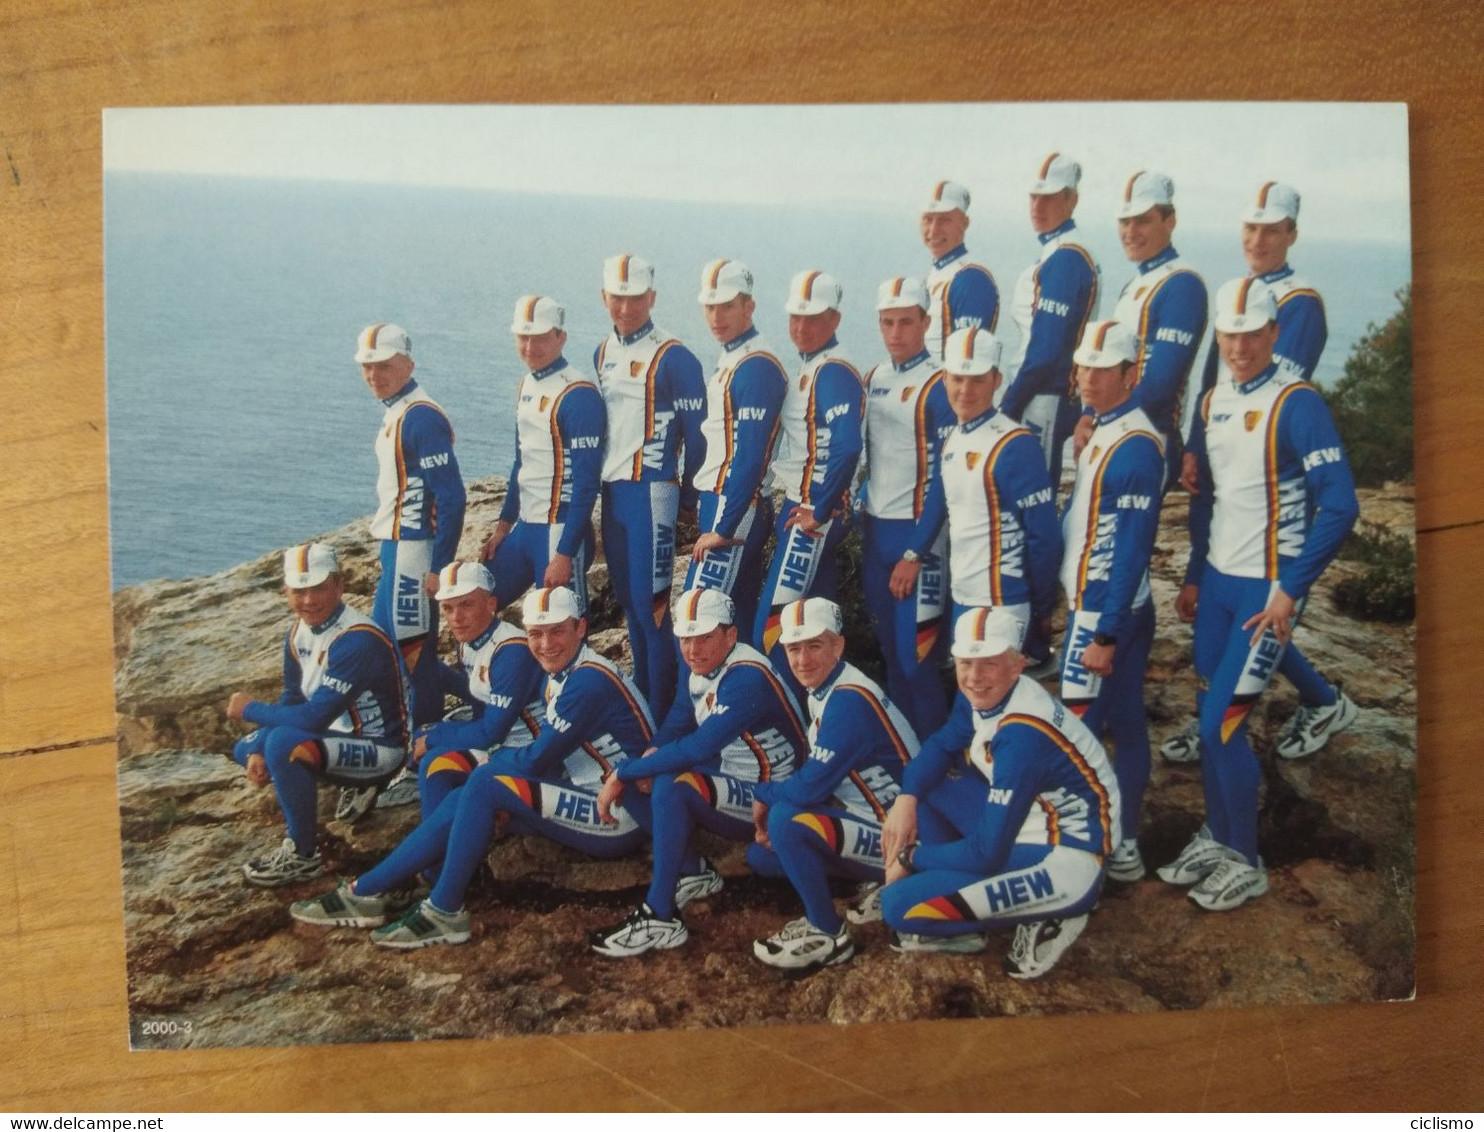 Cyclisme - Carte Publicitaire BDR : Le Groupe Sélection Allemande U23 2000 - Cycling